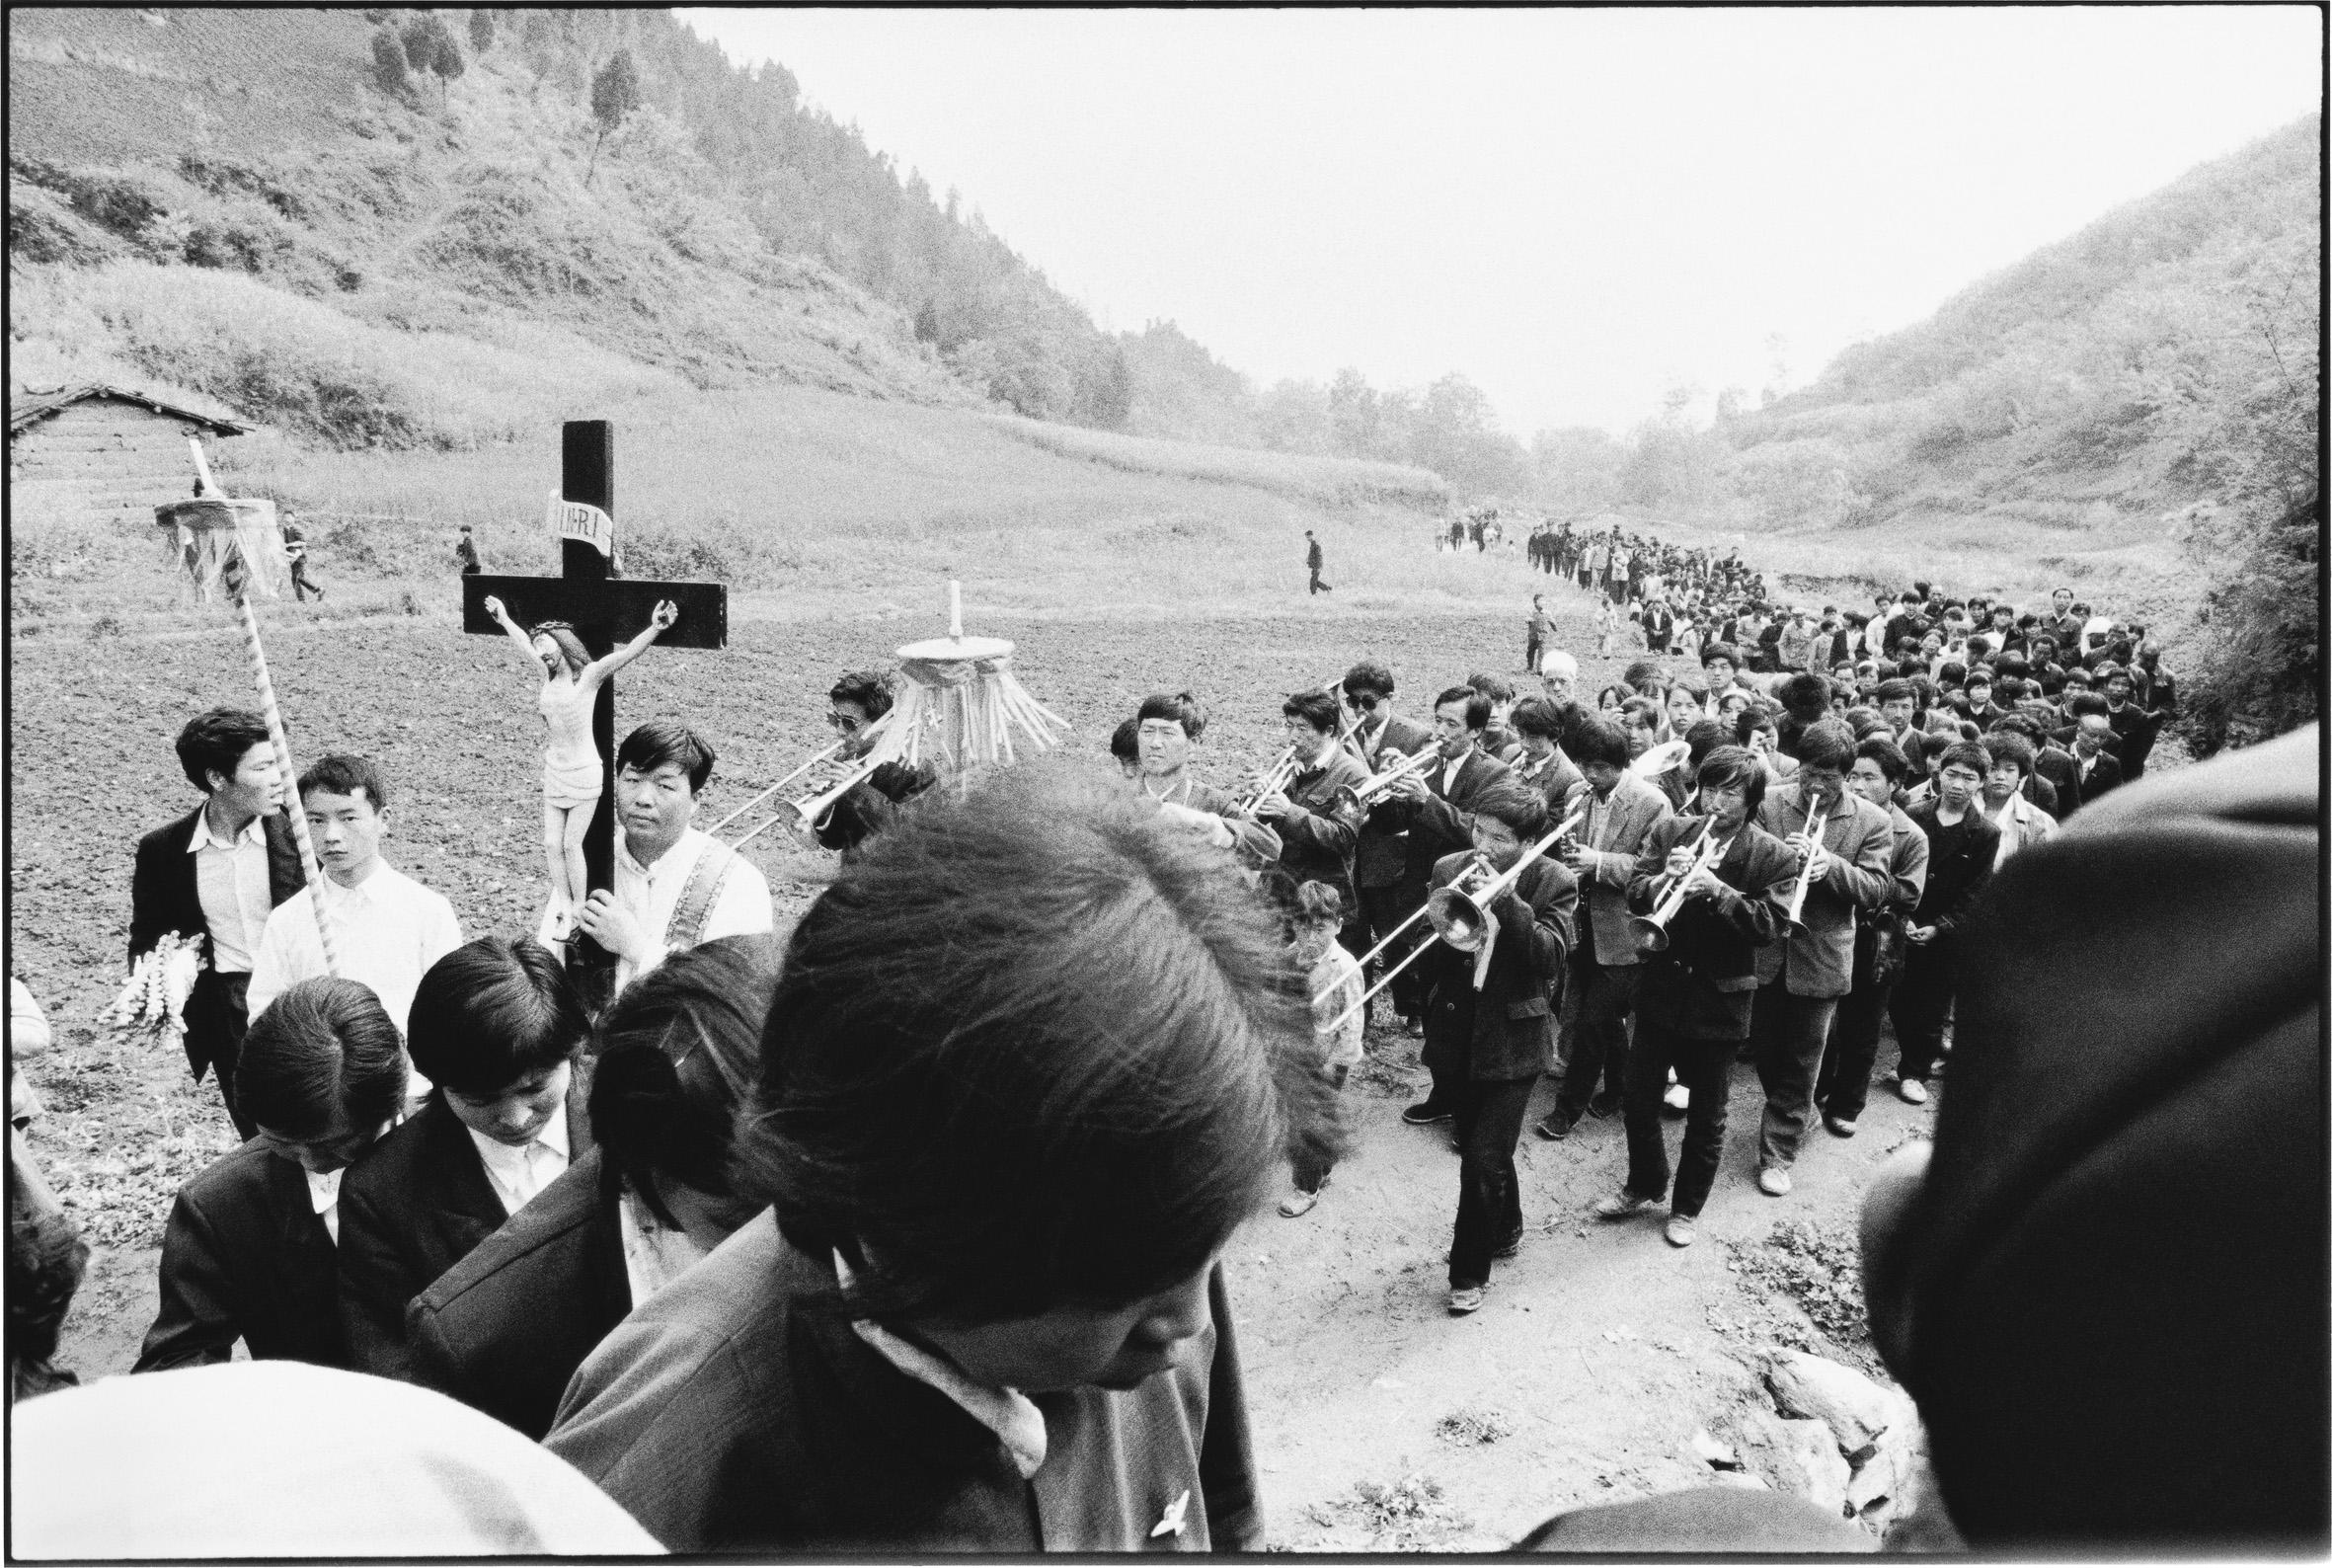 Worshippers, Shanxi, China